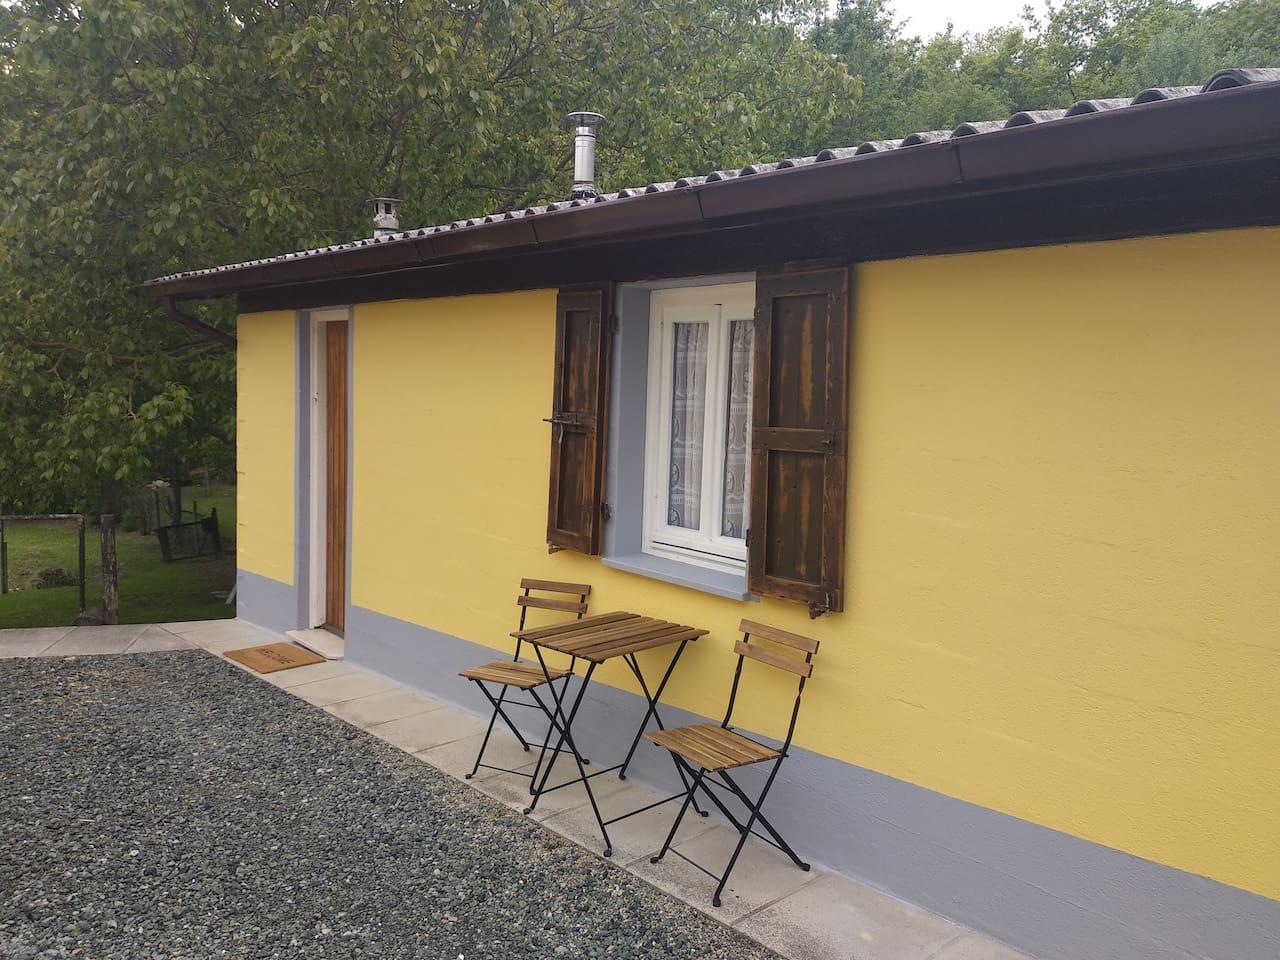 Cabin Casa Molinari awaits you!